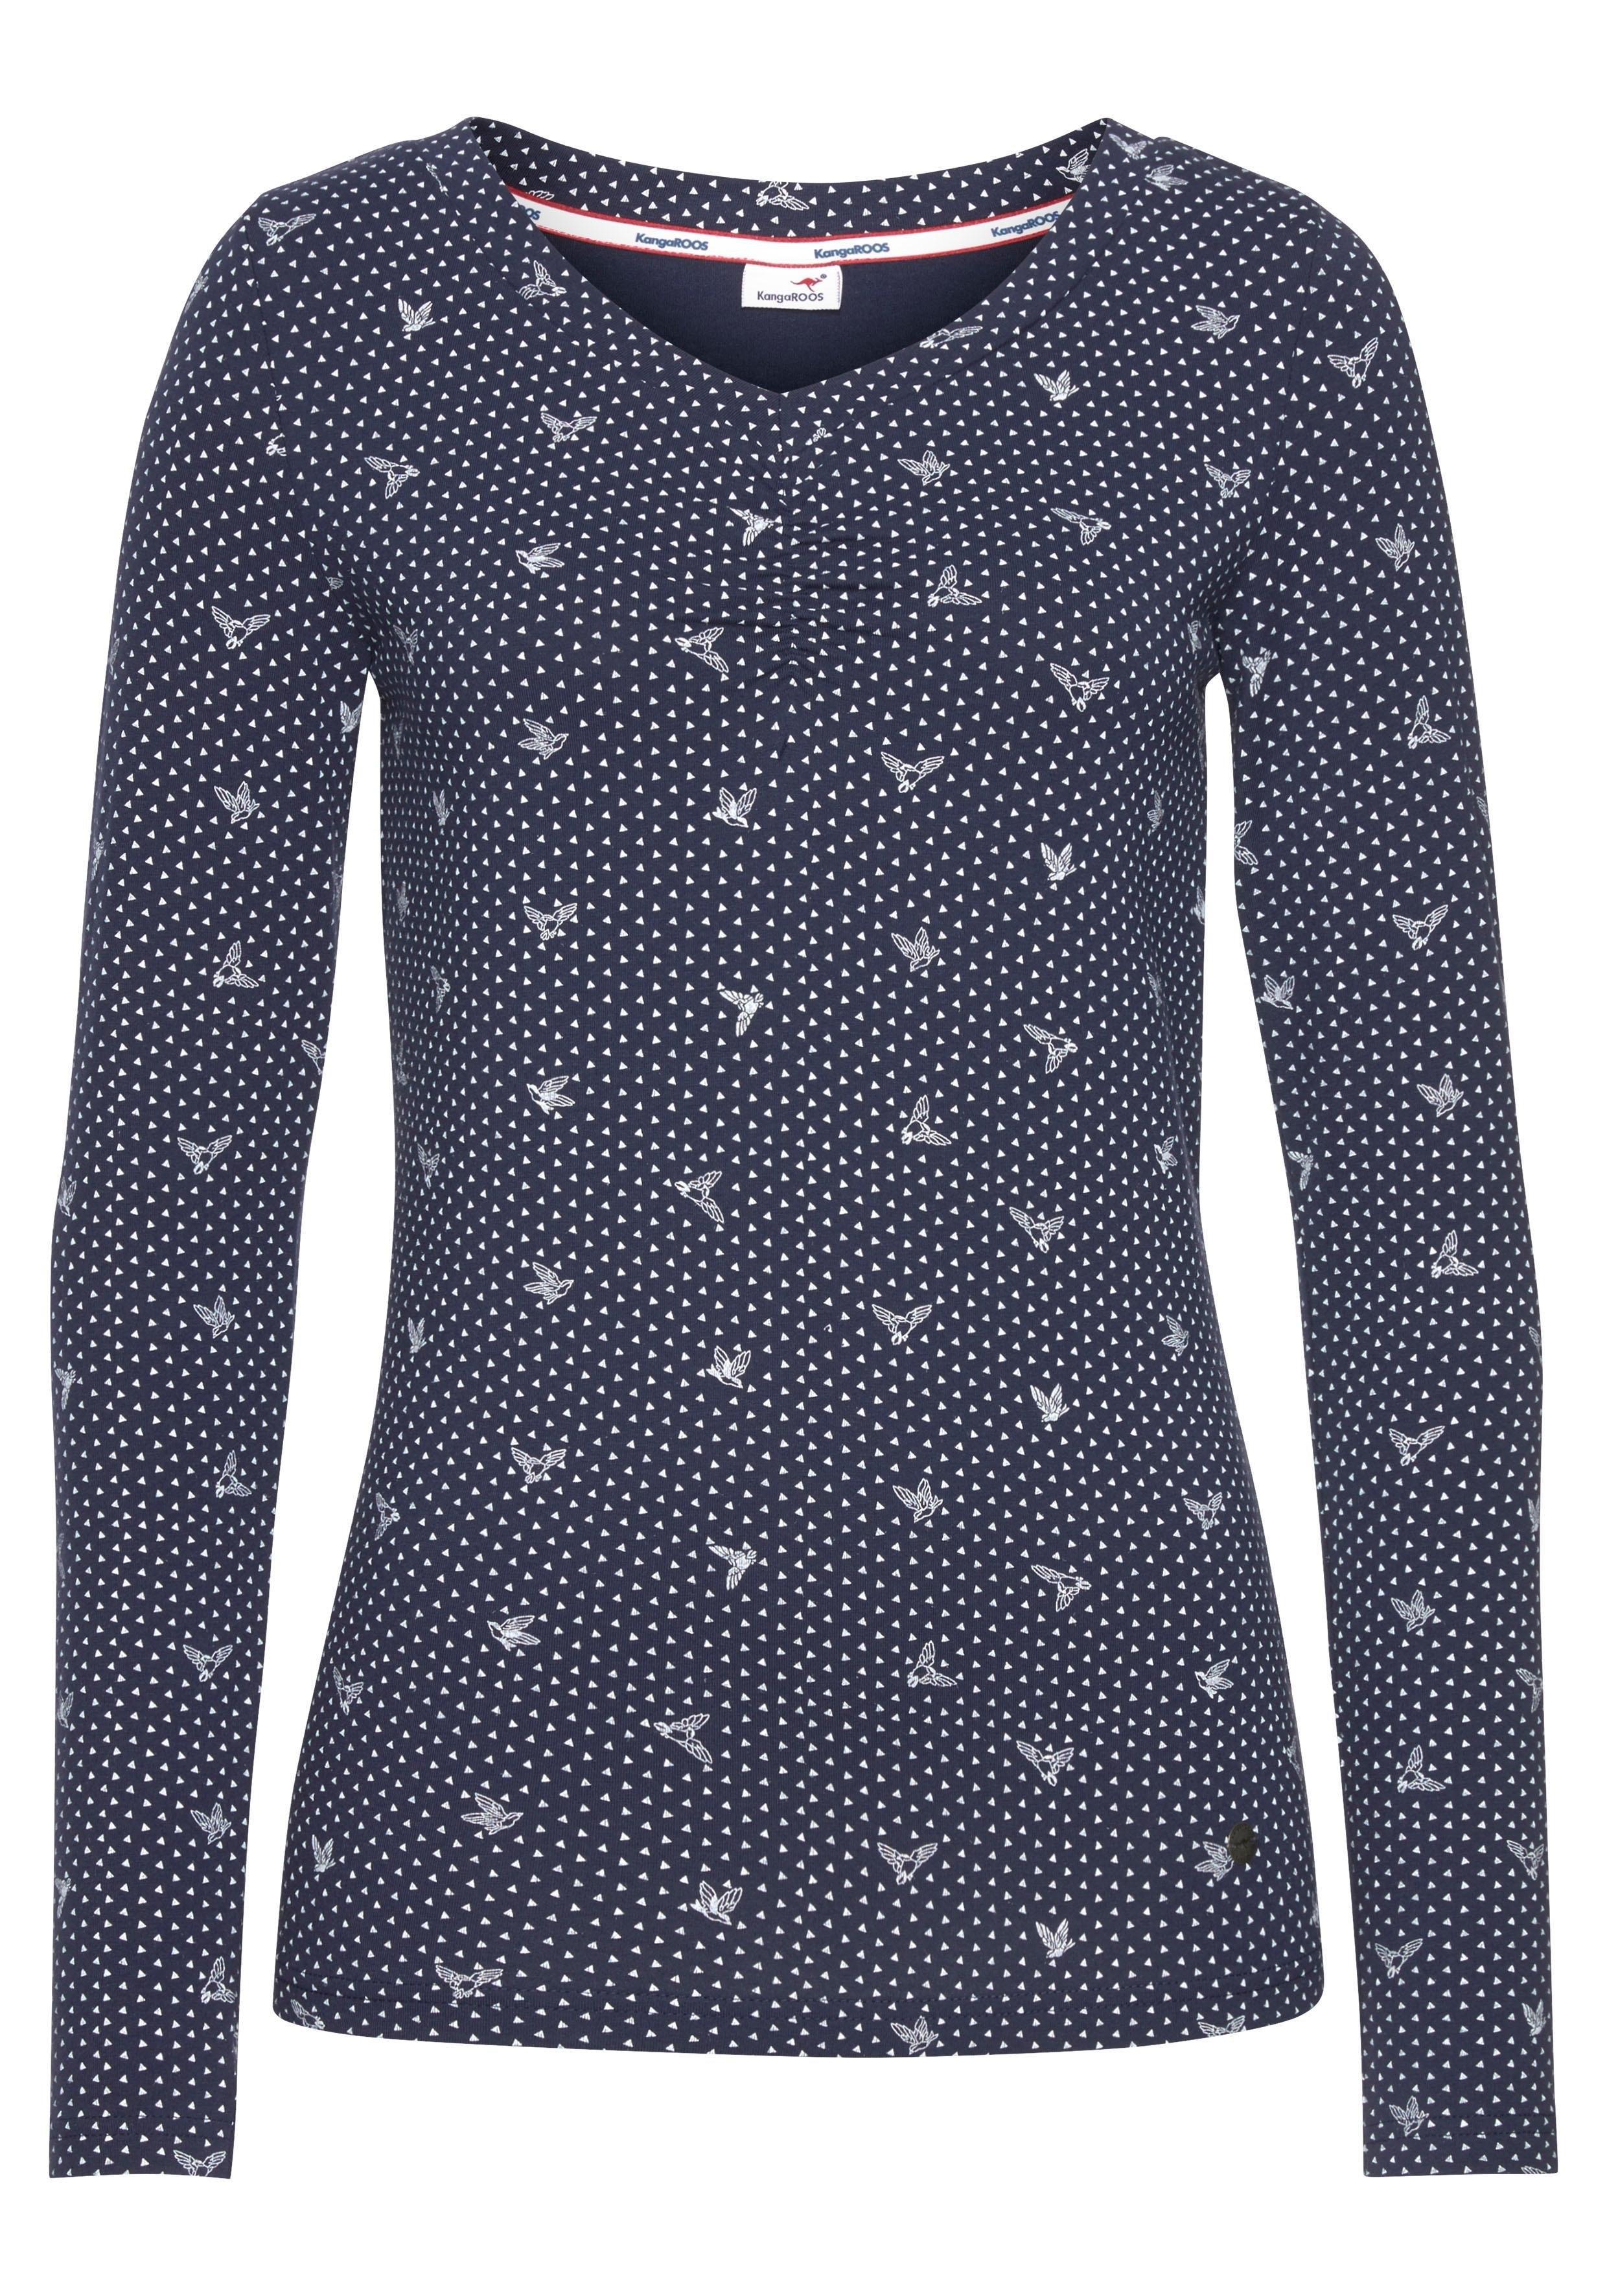 Lange Met Shirt Kangaroos shirtBestellen deligT Bij Mouwenset2 5jqScARL34